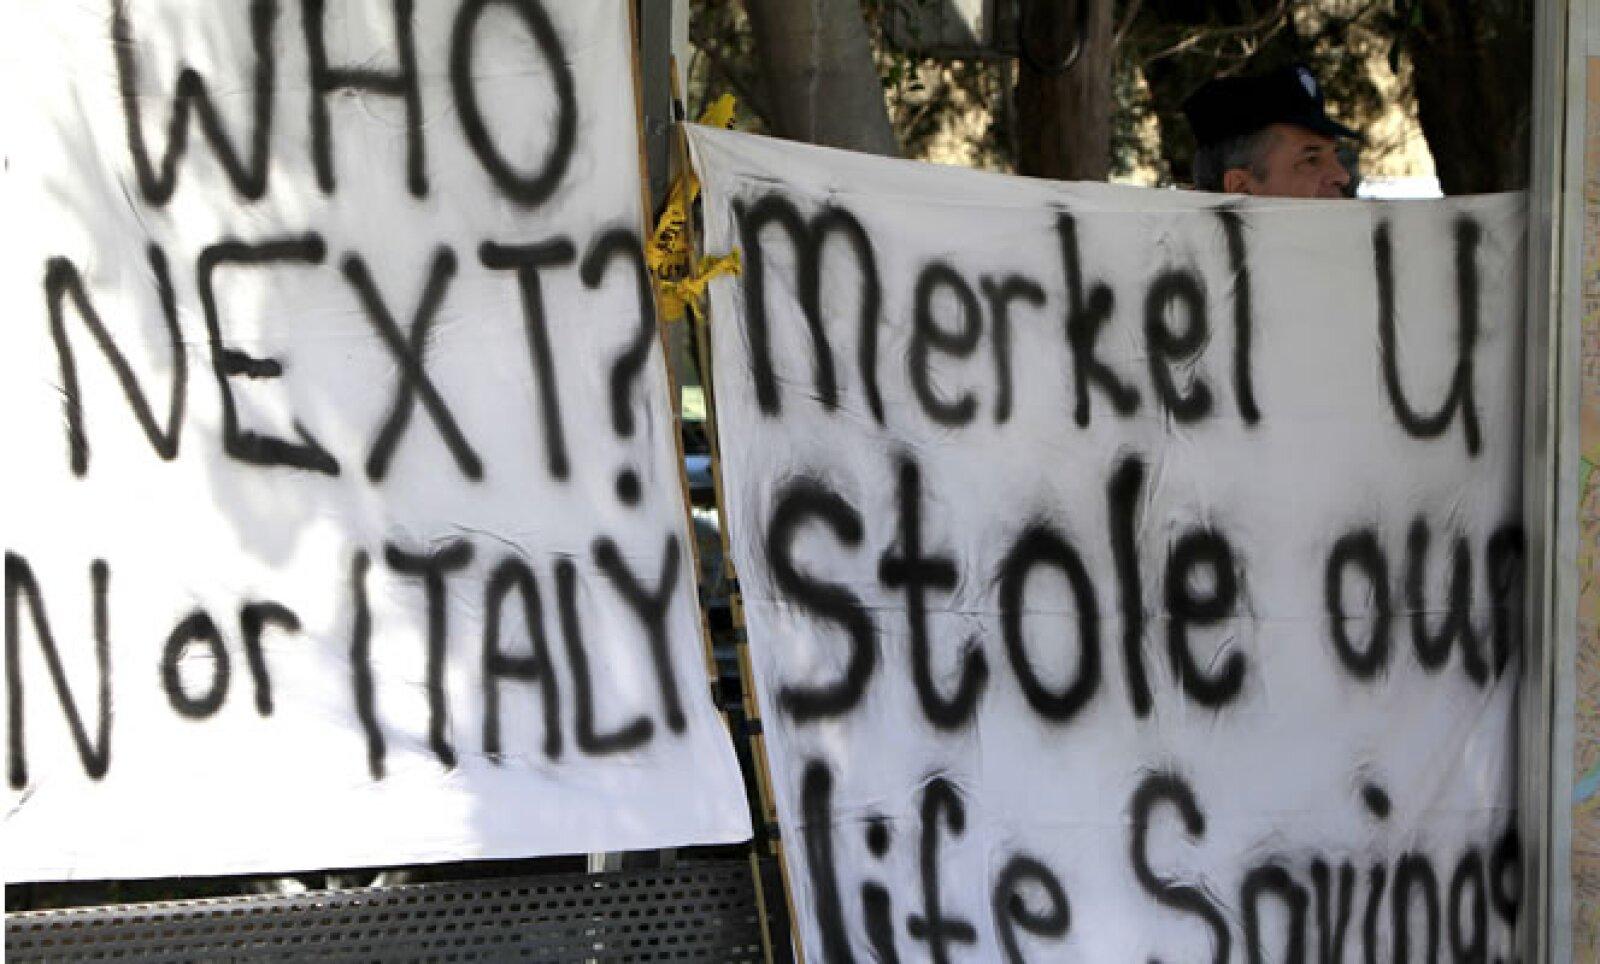 El sector bancario de Chipre es mucho mayor que el tamaño de la economía real de la isla y sus bancos fueron castigados fuertemente por su exposición a Grecia, una vecina mucho mayor.